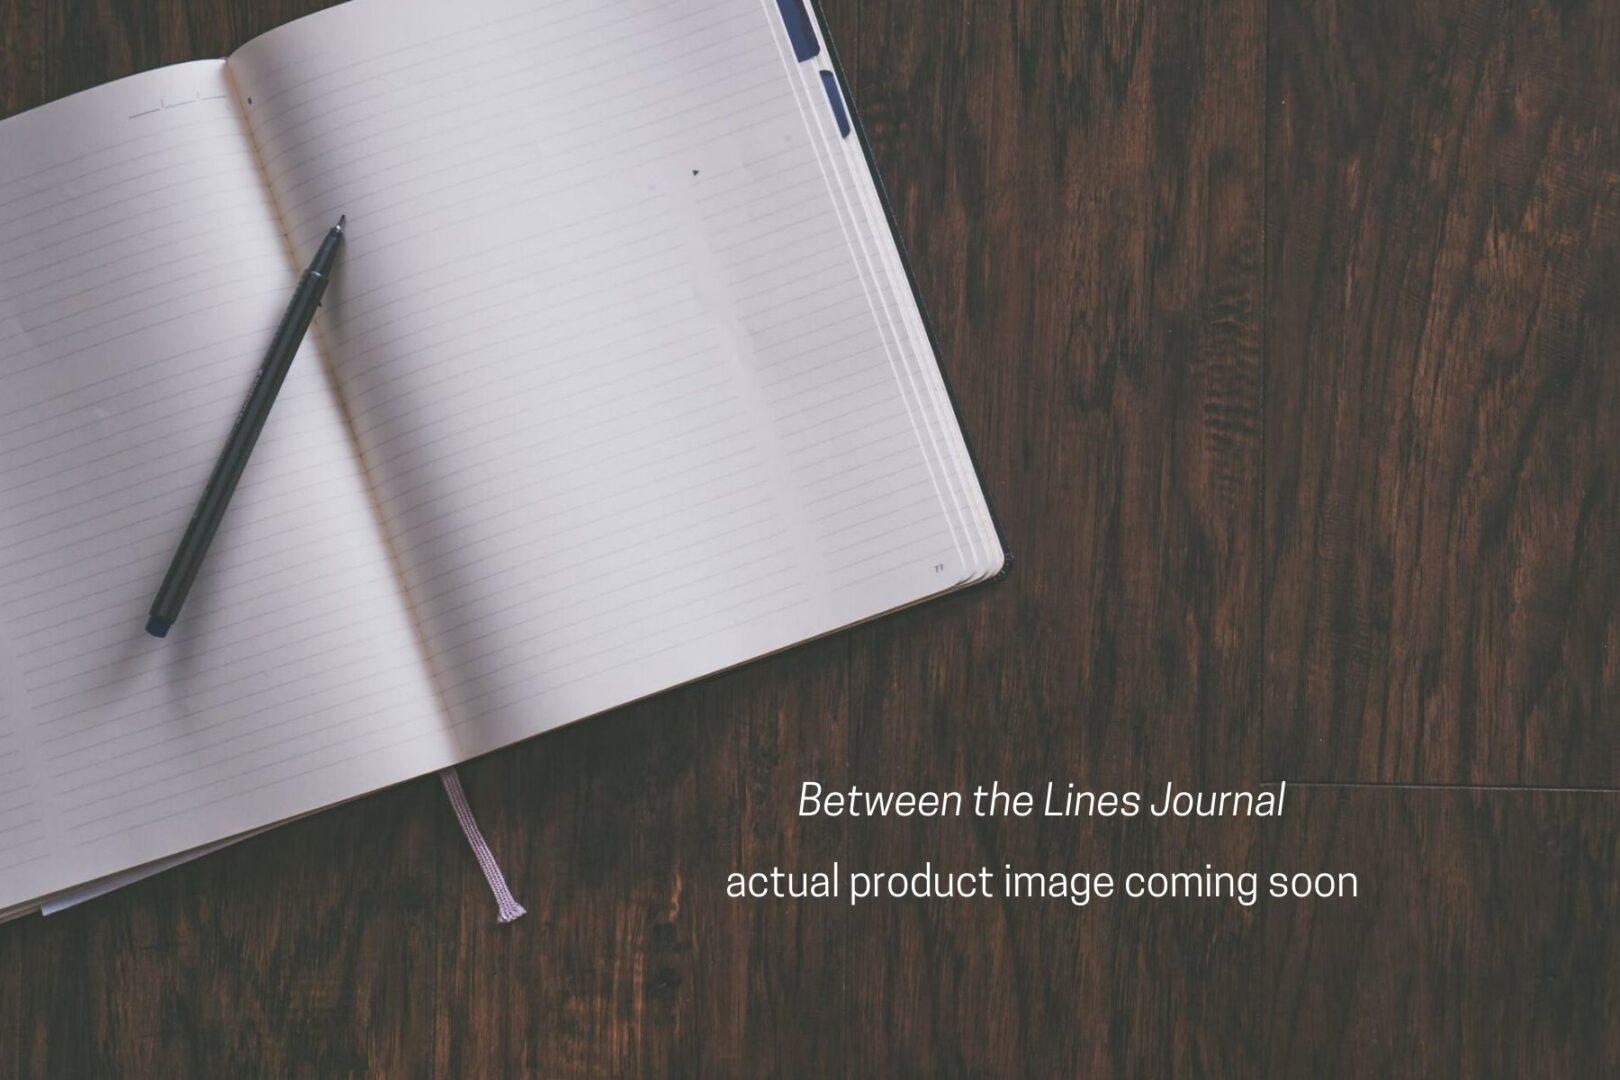 Fake Journal 1